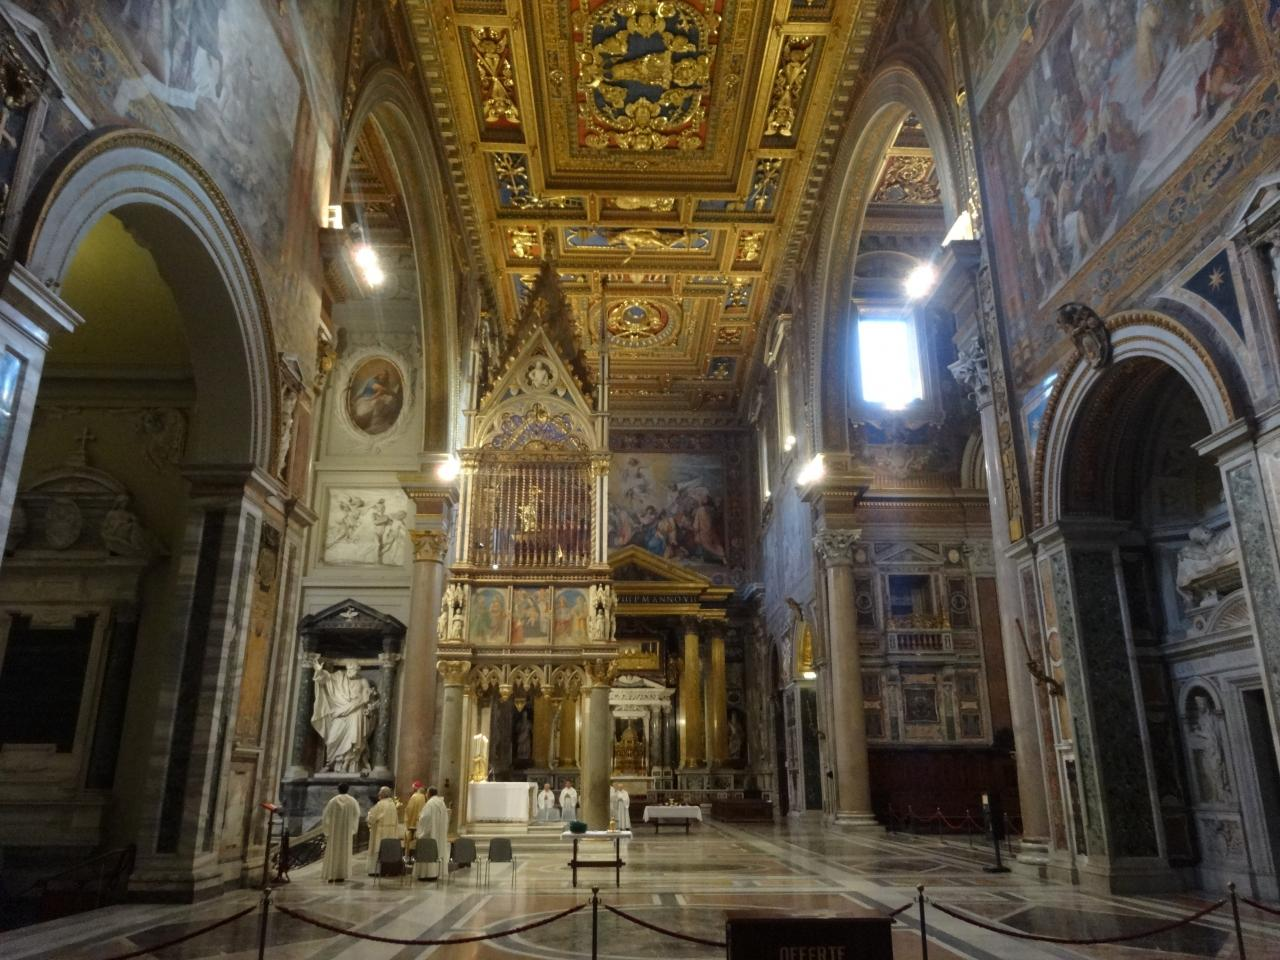 サン・ジョバンニ・イン・ラテラノ大聖堂の画像 p1_34